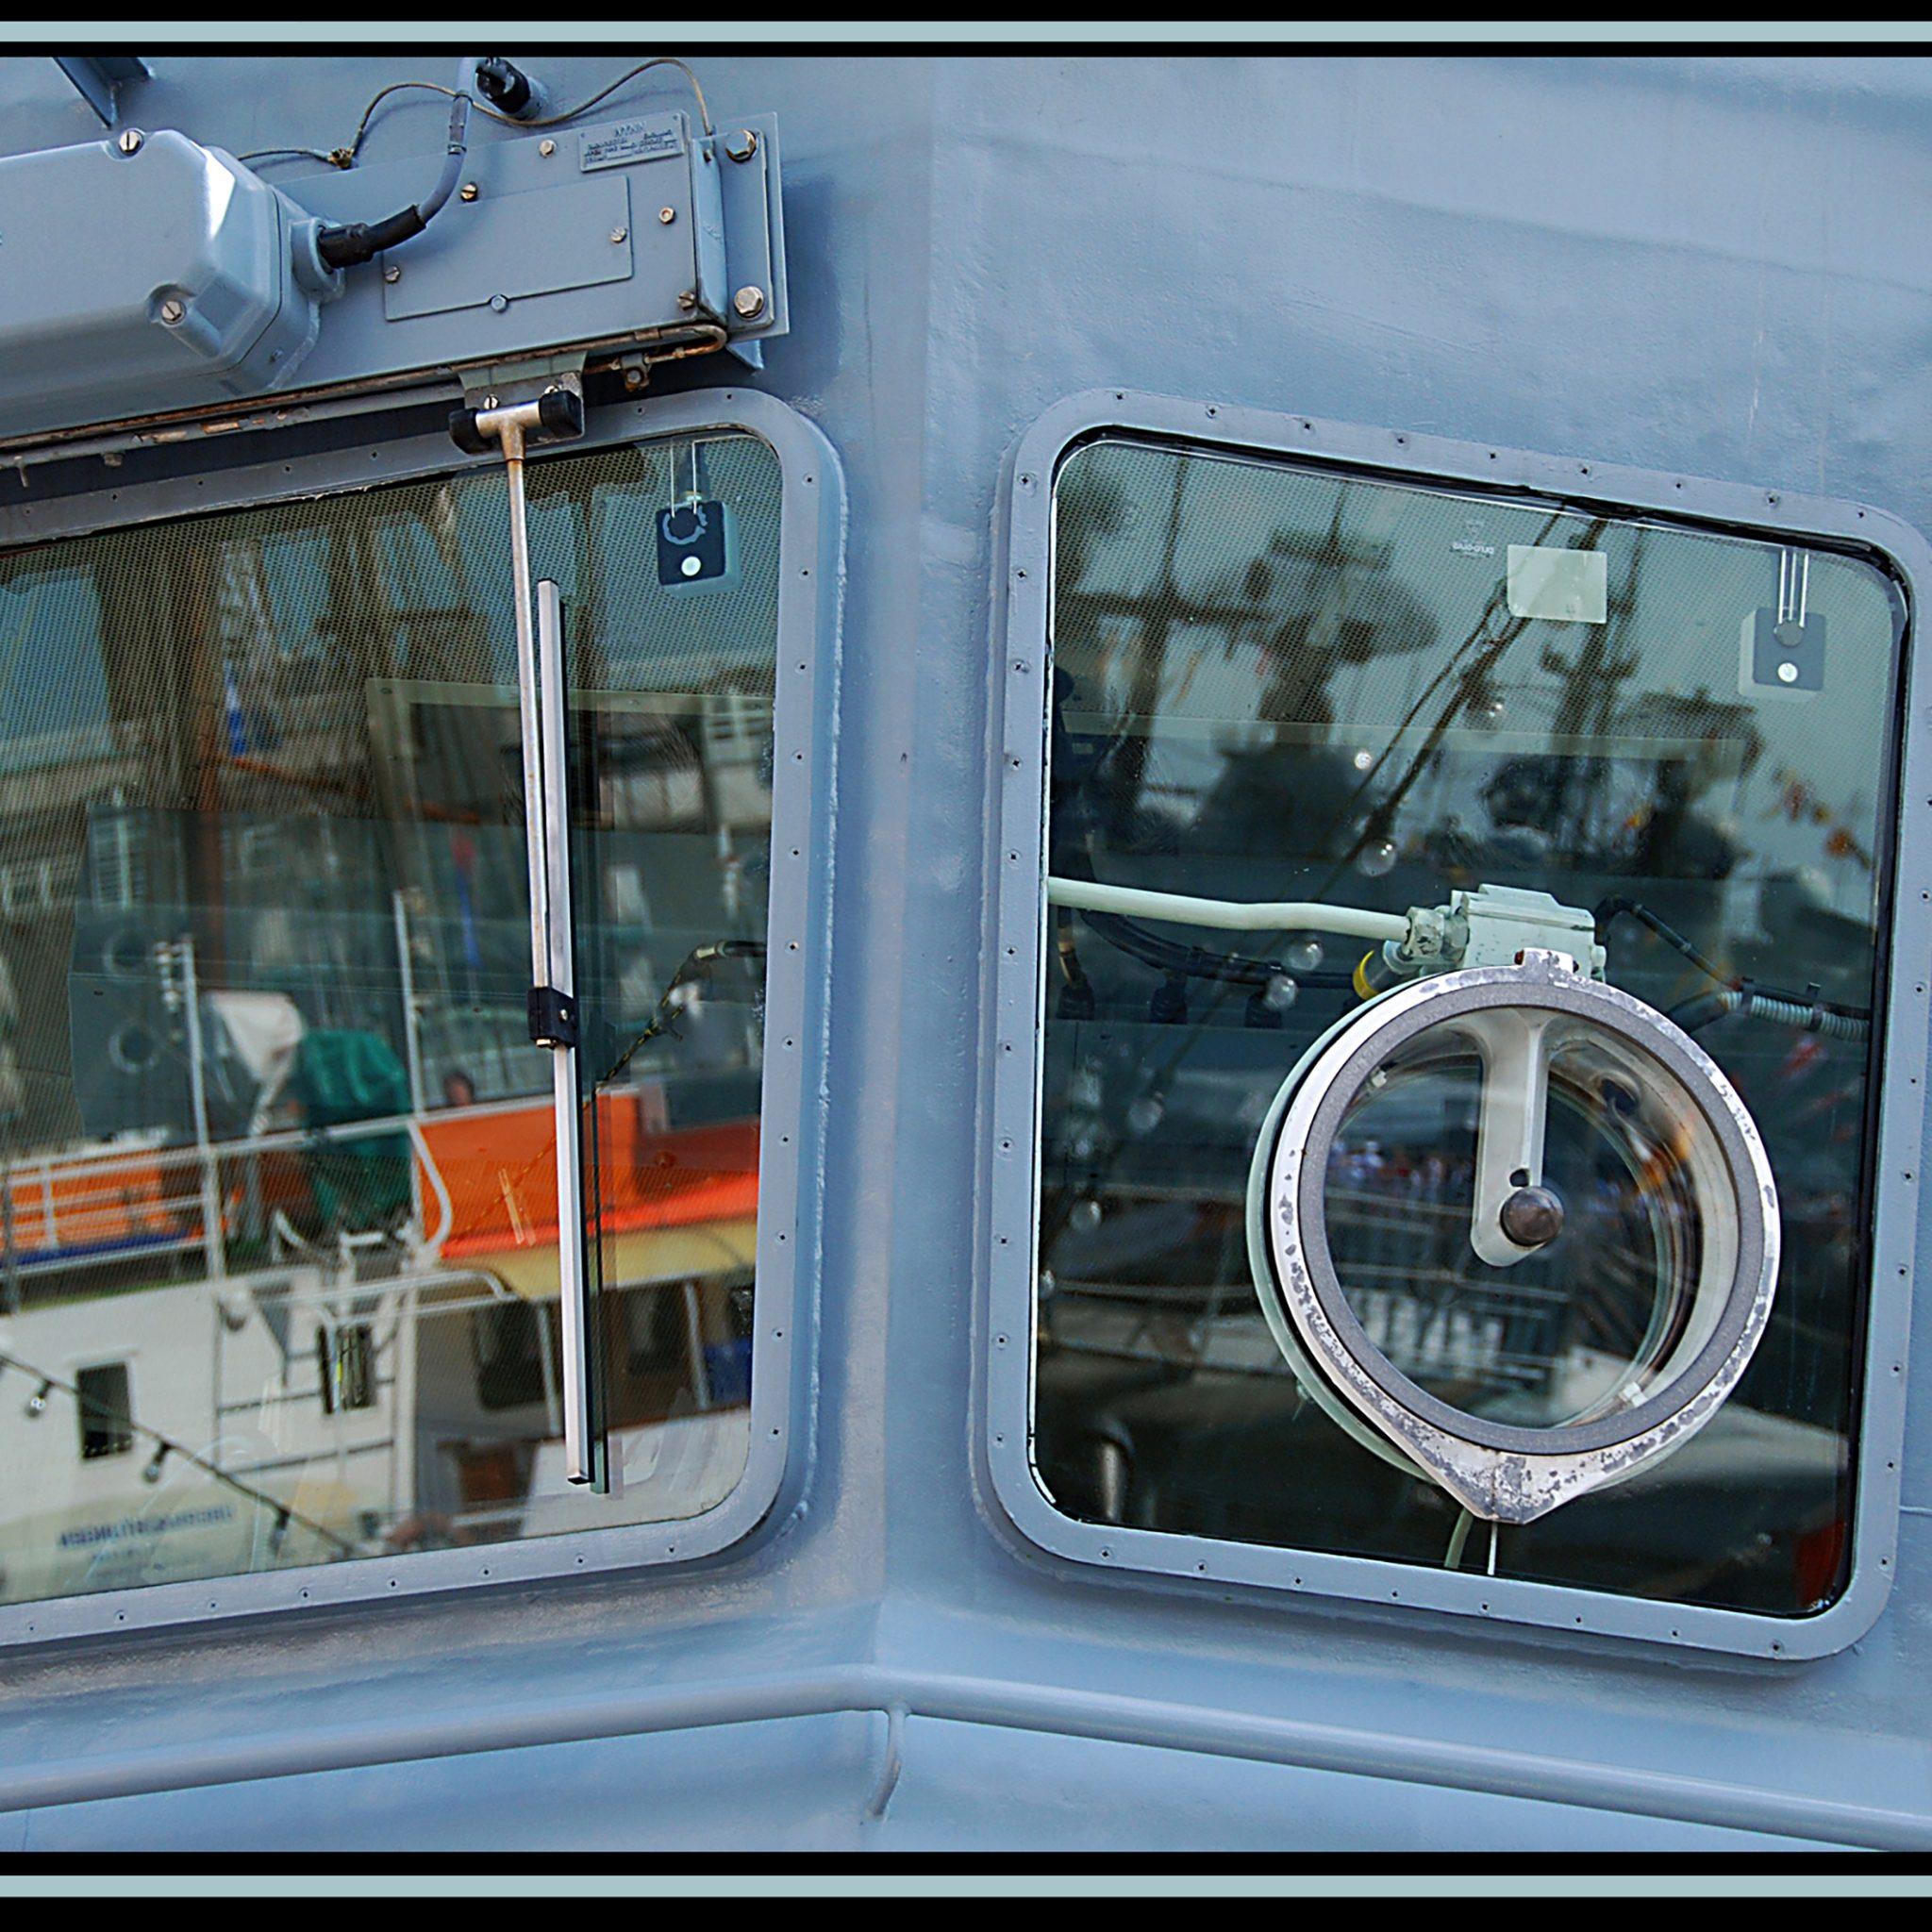 De brug van een schip dat zowel met een conventionele ruitenwisser als met een slingerruit is voorzien. Bij motregen geeft de gewone ruitenwissel meer blikveld dan de slingerschijf.